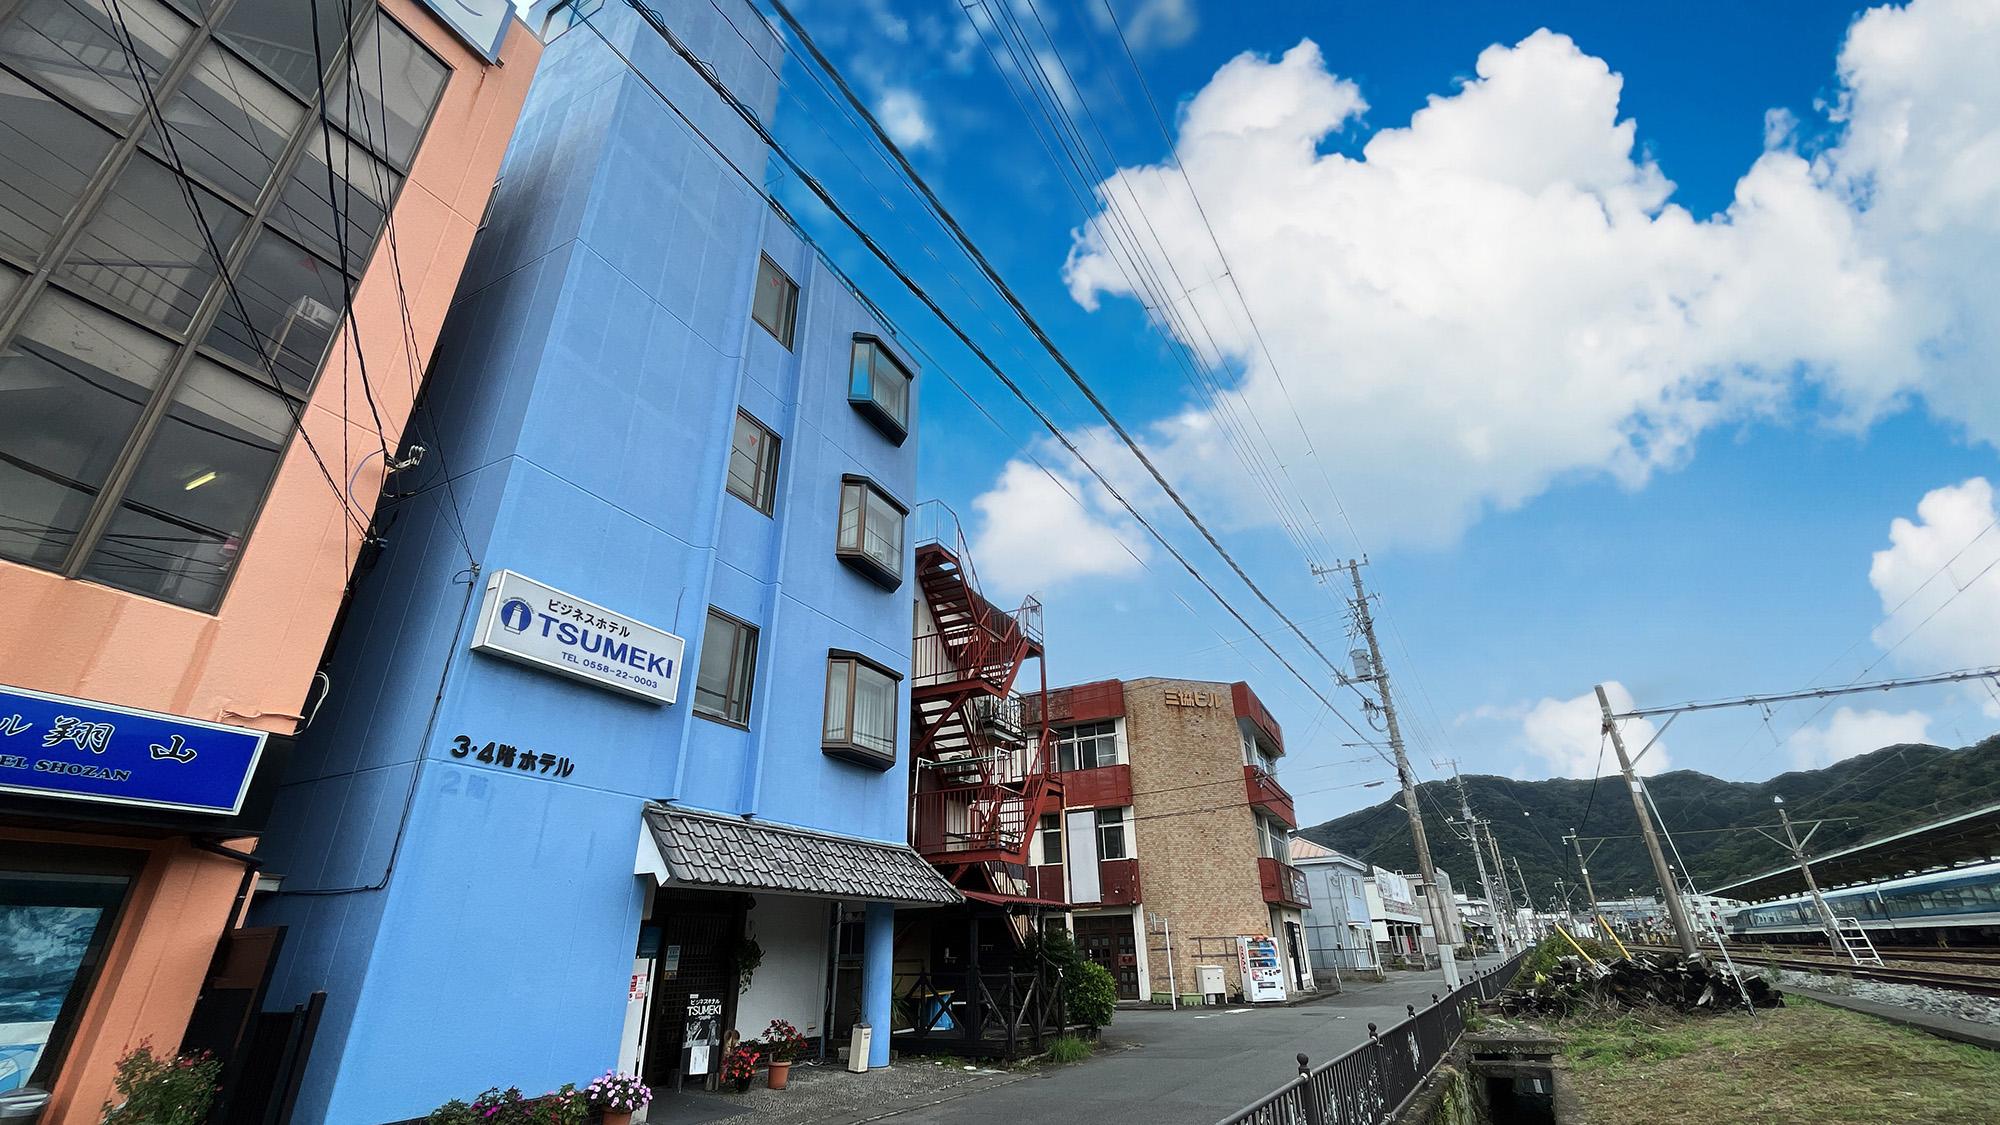 ビジネスホテル TSUMEKI